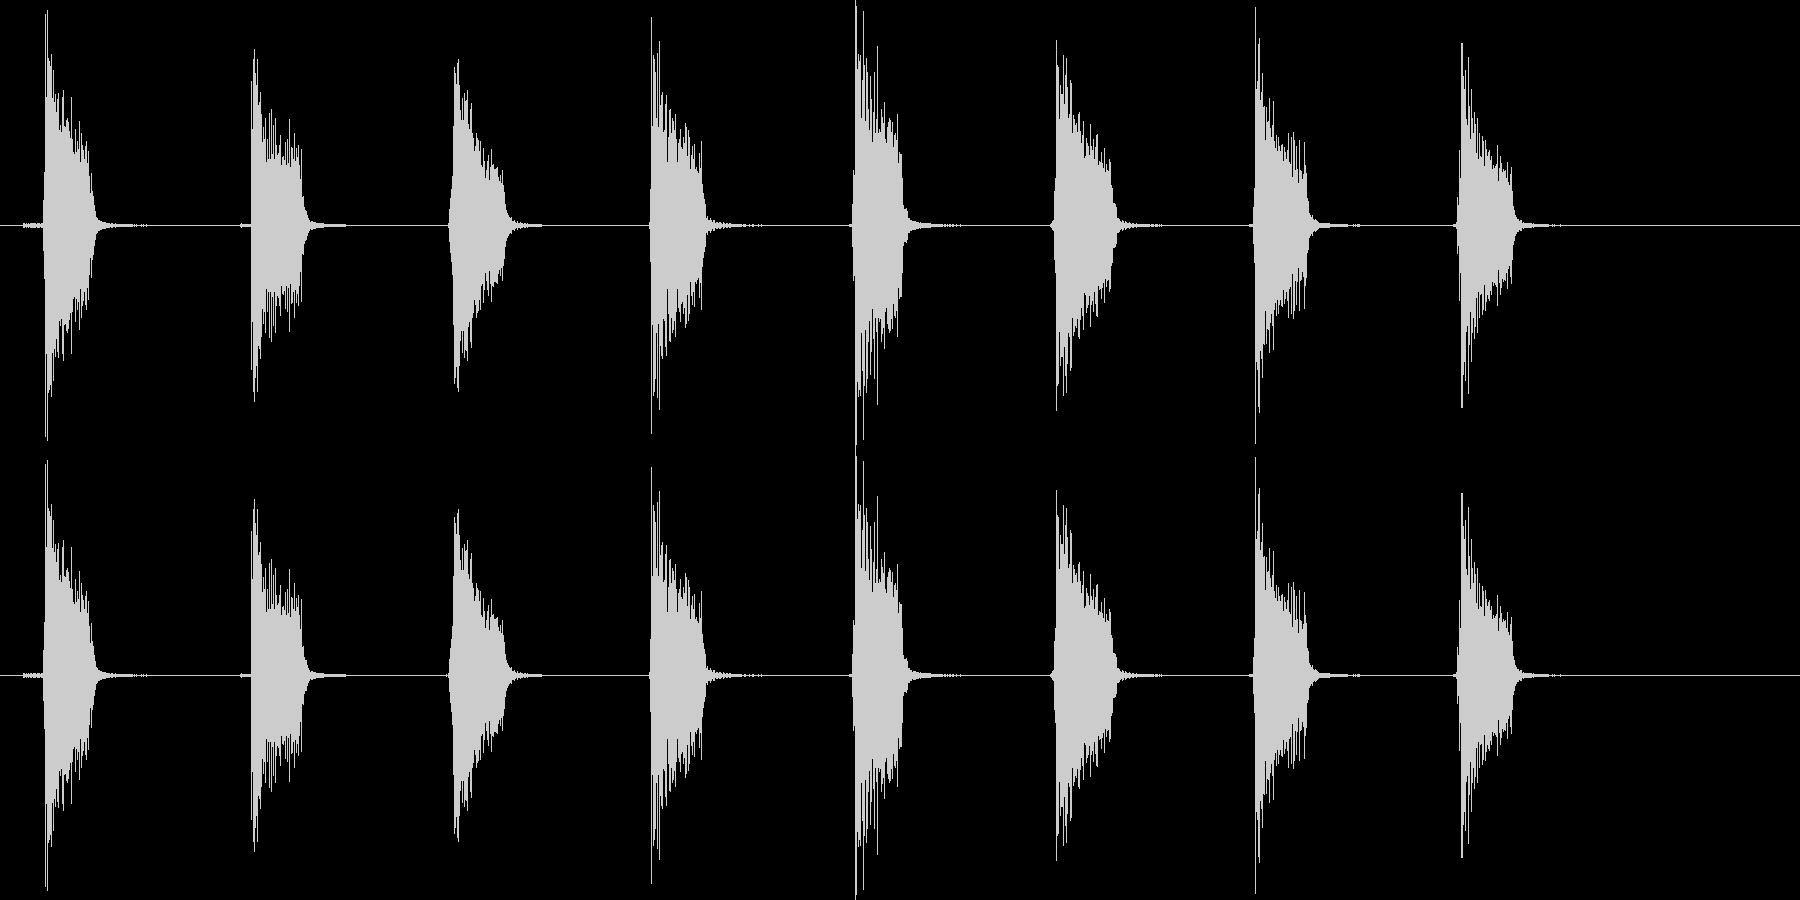 ギターフレーズ017の未再生の波形